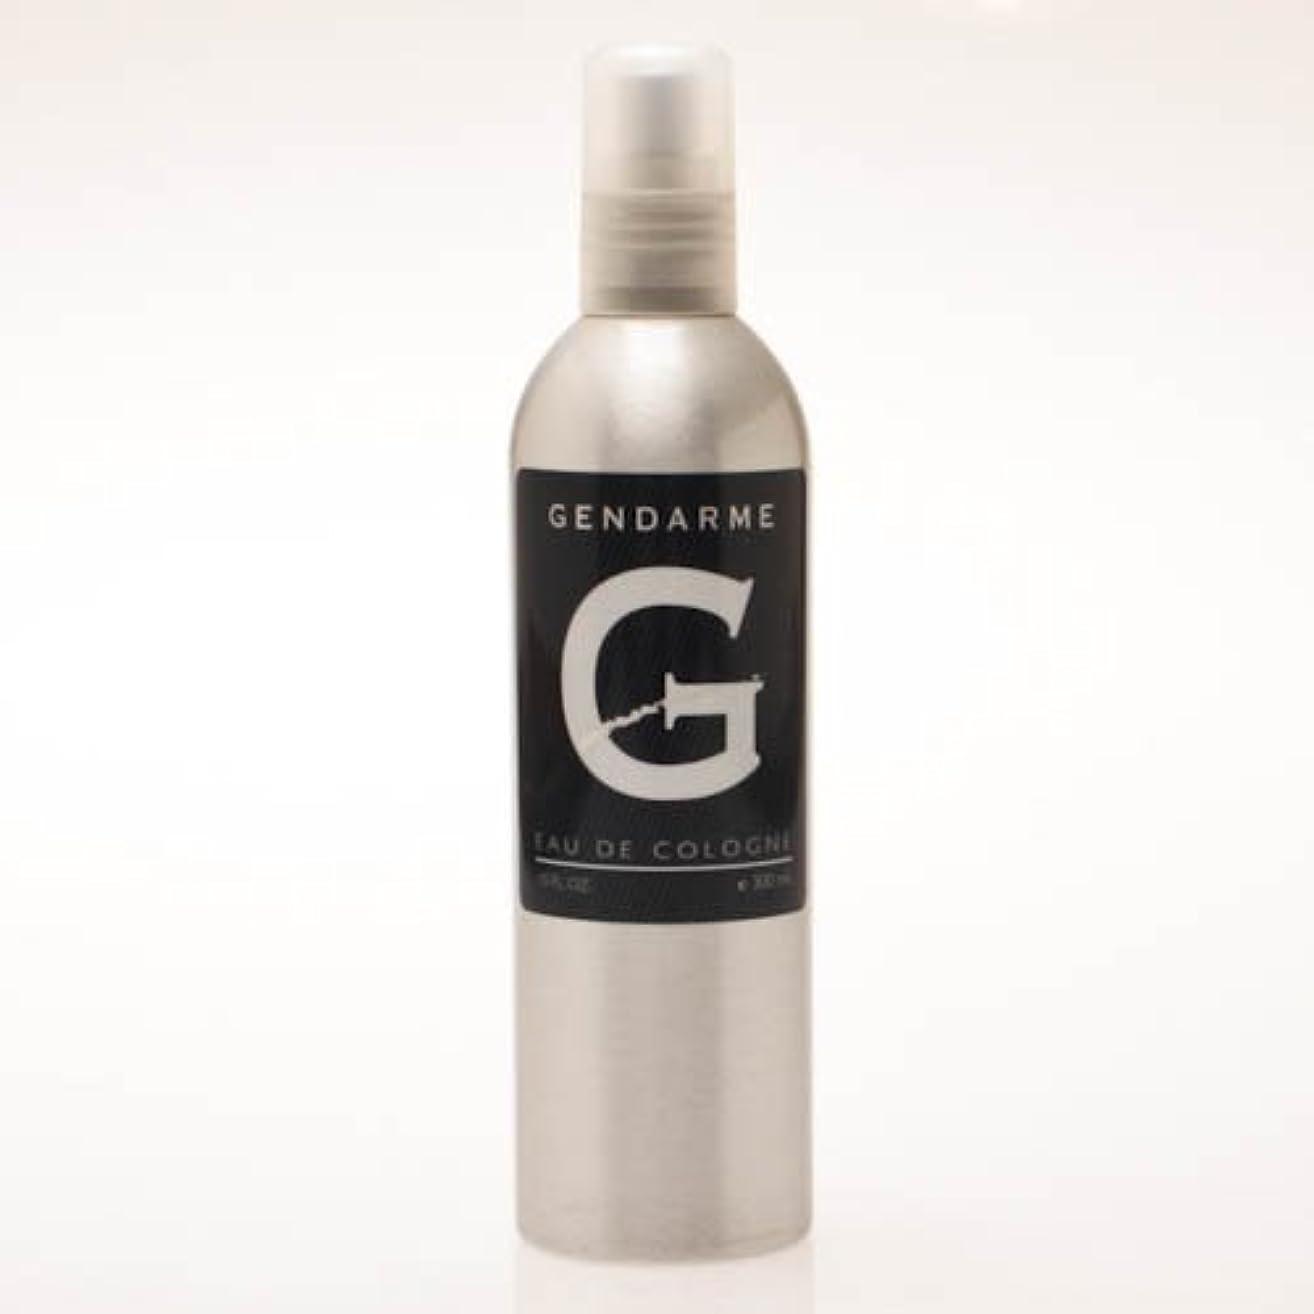 変位プレミア静かにGendarme (ゲンダーム) 10.0 oz (300ml) Cologne Spray Recharge for Men